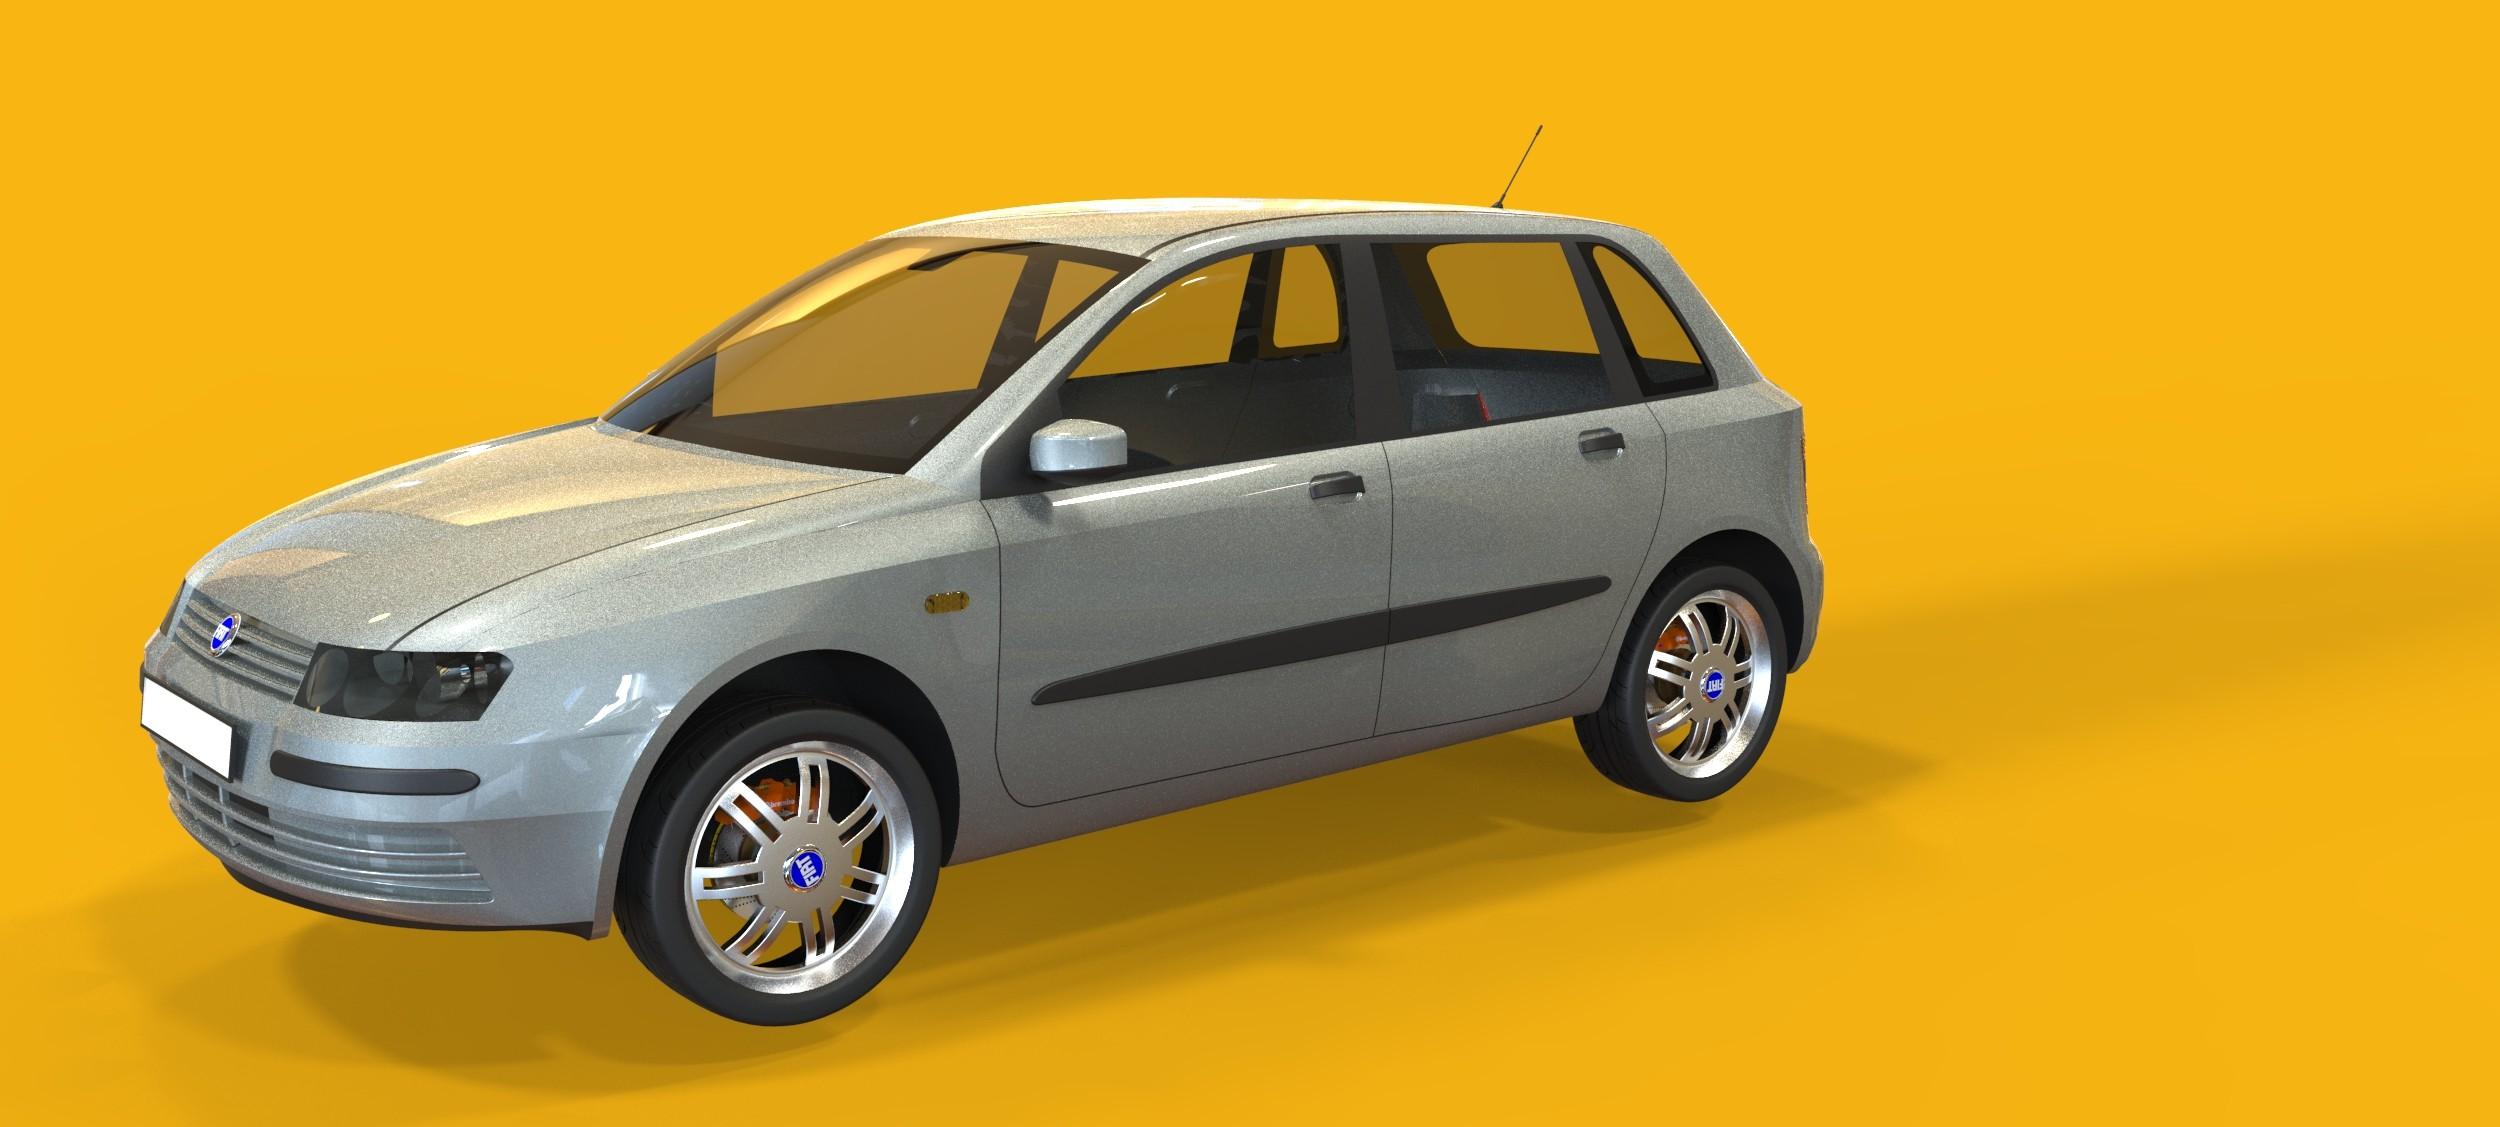 Fiat Stilo 2005.375.jpg